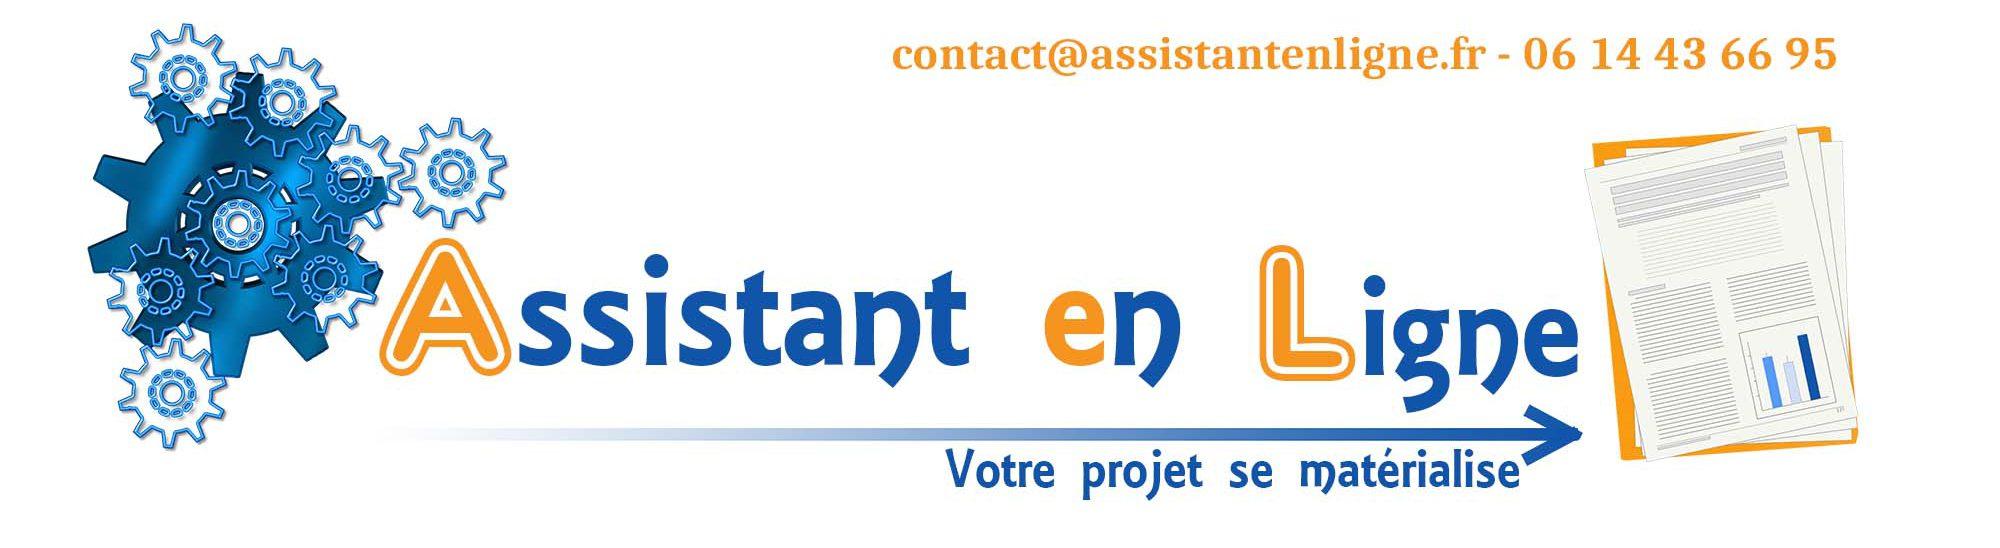 Assistant en ligne